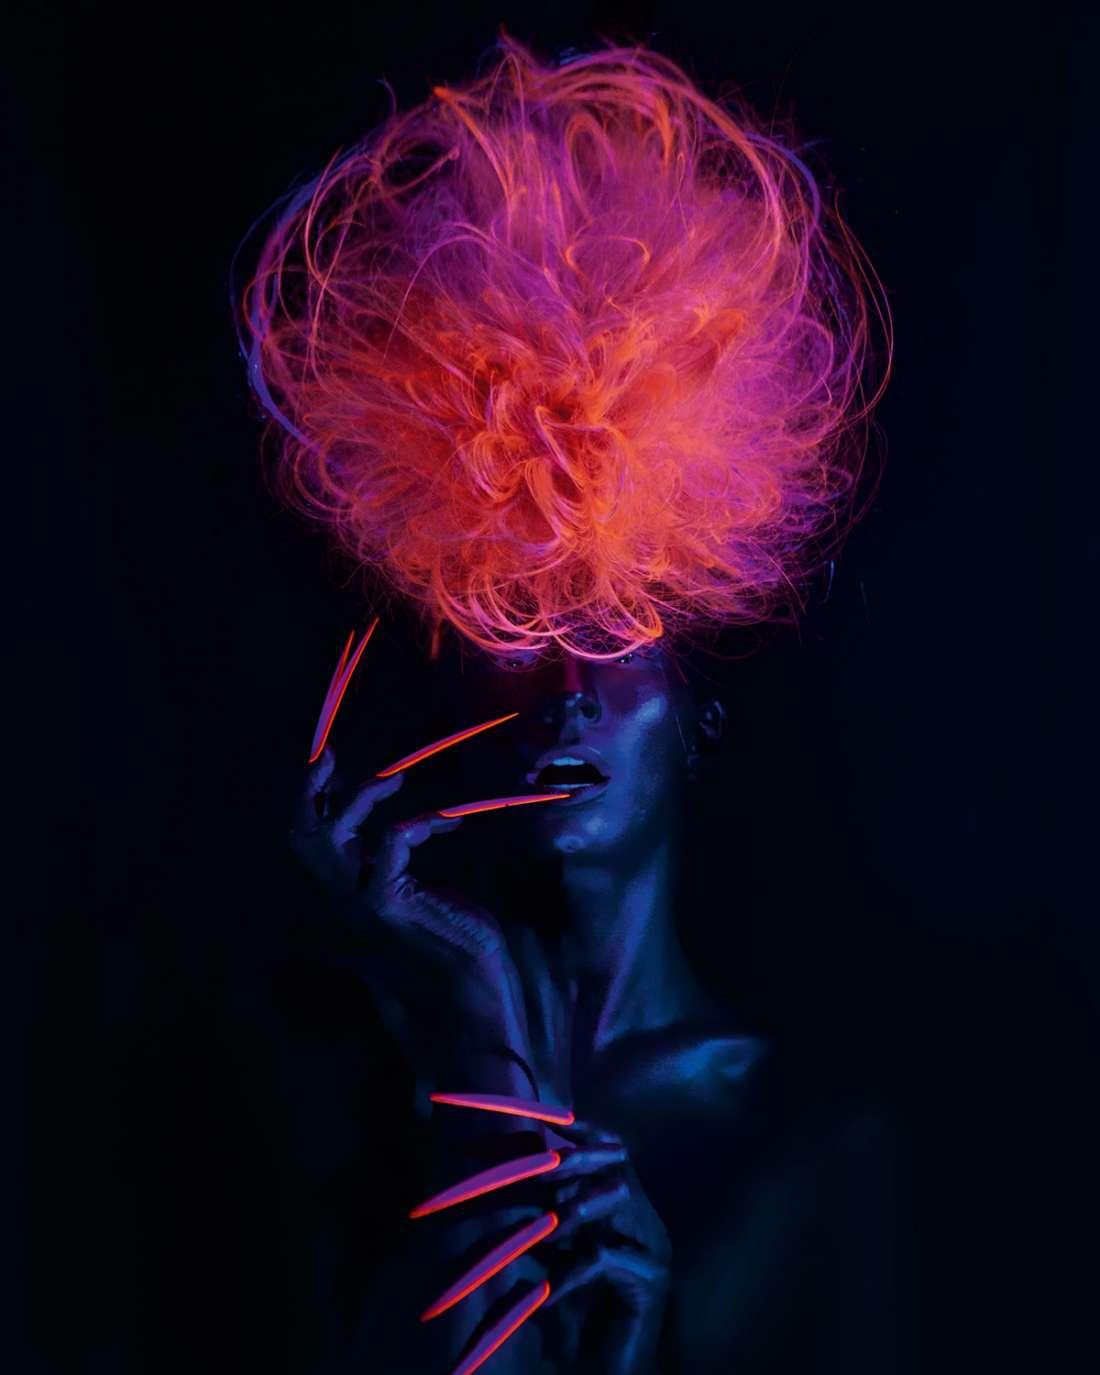 светящиеся волосы: фото 35